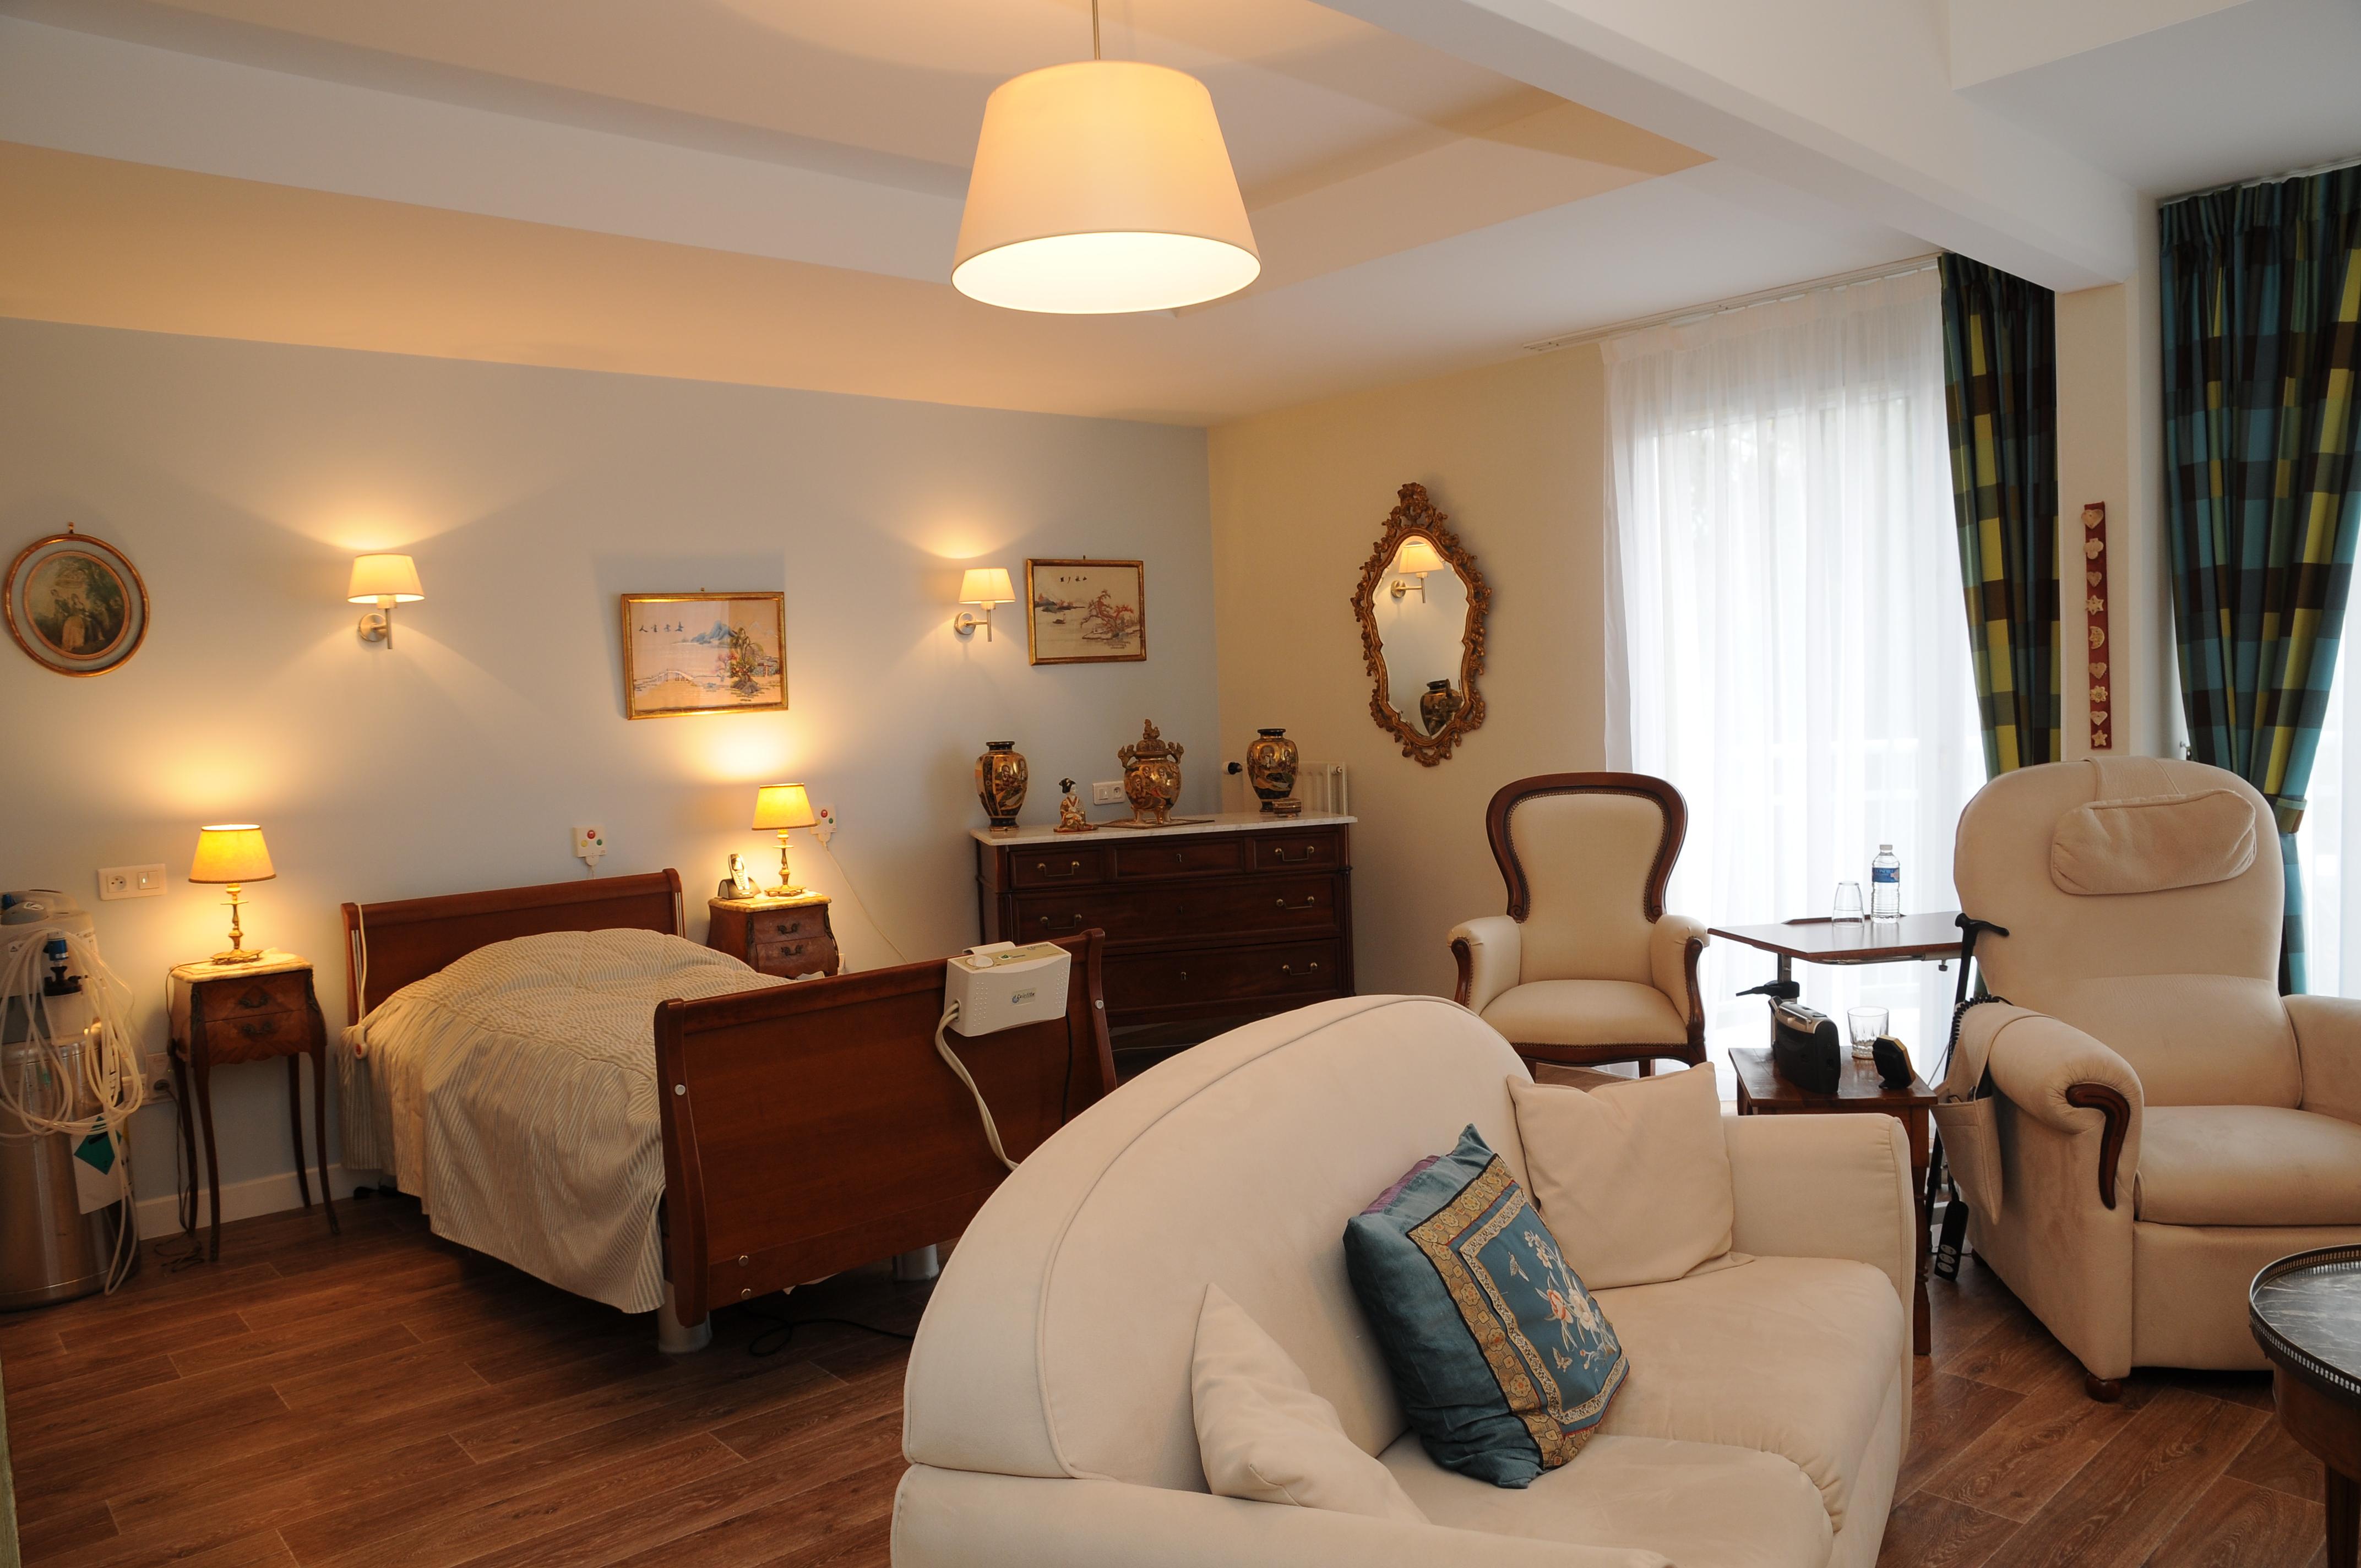 maison de retraite parc st charles chartres ventana blog. Black Bedroom Furniture Sets. Home Design Ideas